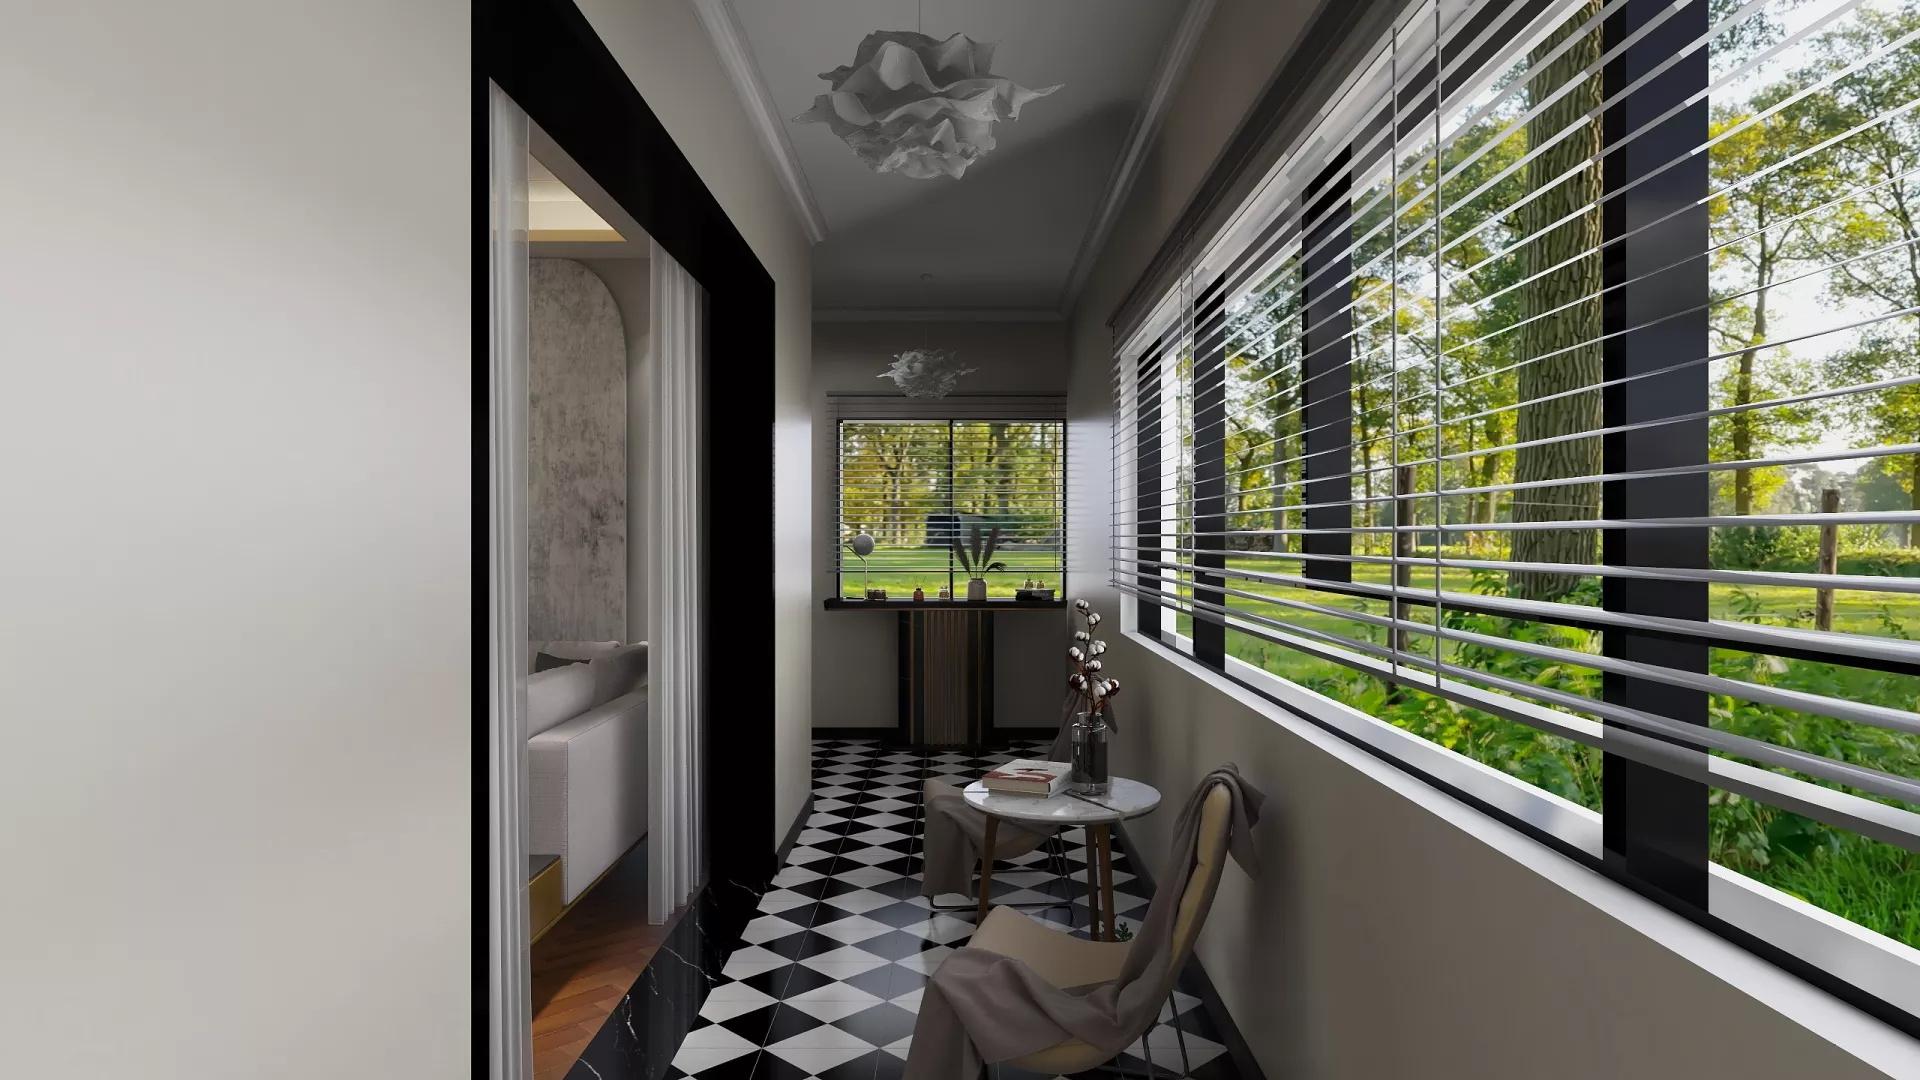 塑钢窗材质寿命 塑钢窗的材质哪种好